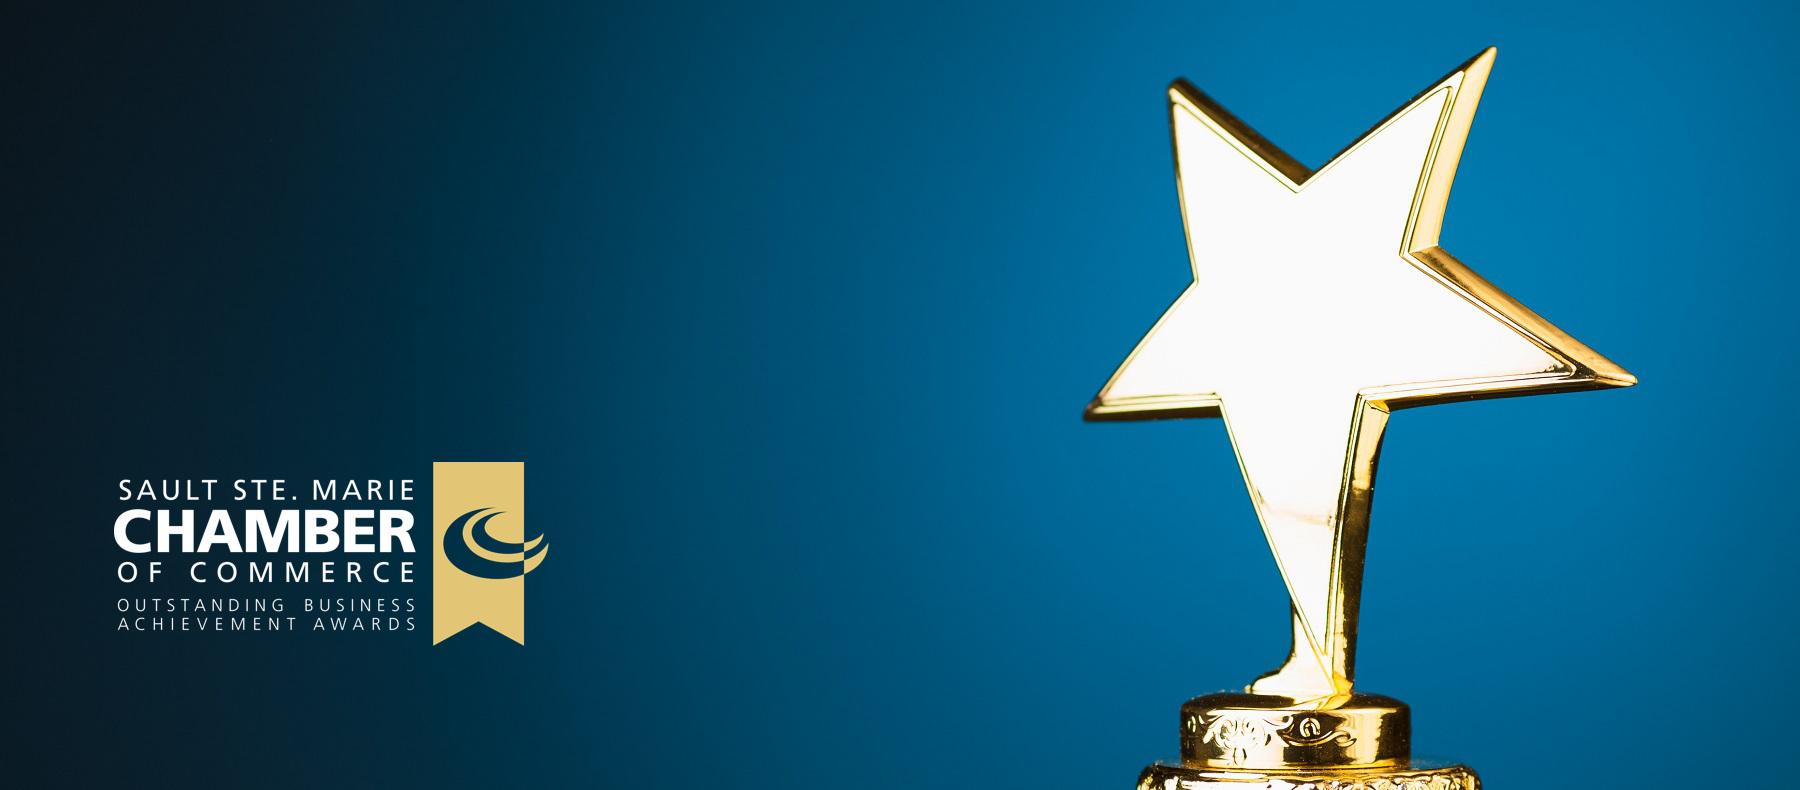 award-nominations-hero-2.jpg